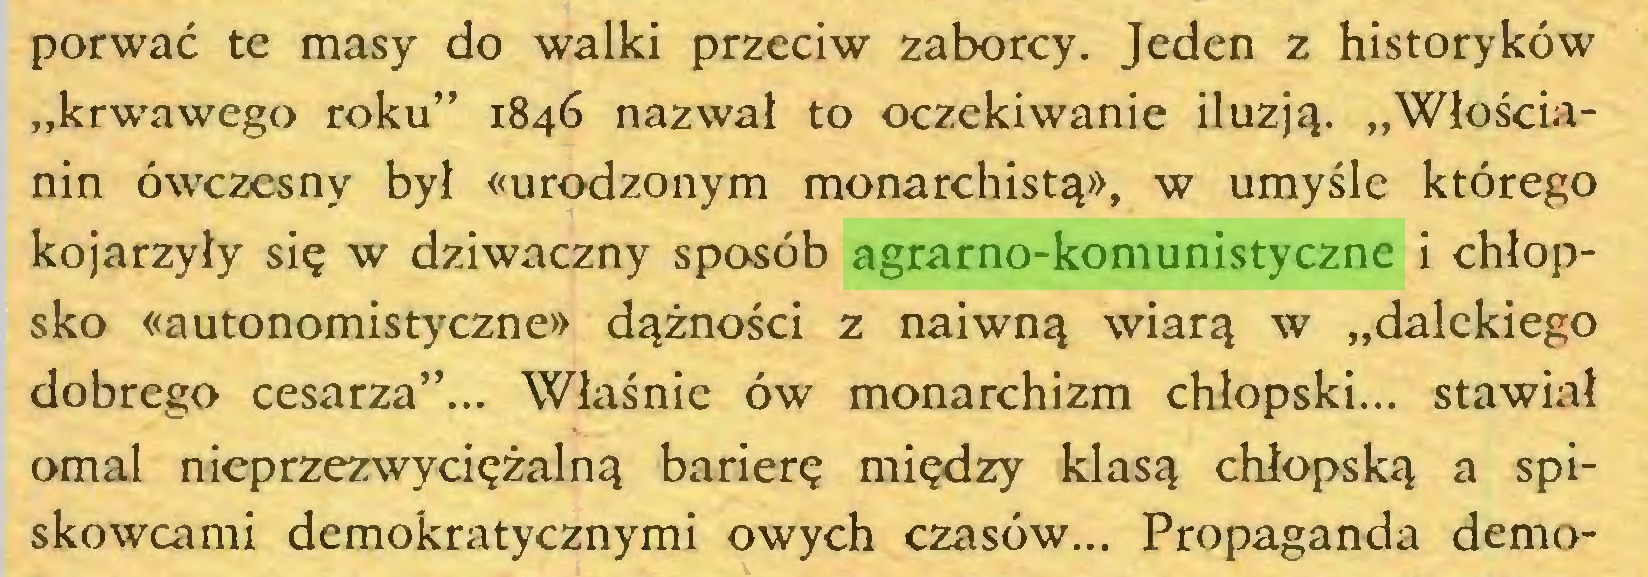 """(...) porwać te masy do walki przeciw zaborcy. Jeden z historyków """"krwawego roku"""" 1846 nazwał to oczekiwanie iluzją. """"Włościanin ówczesny był «urodzonym monarchistą», w umyśle którego kojarzyły się w dziwaczny sposób agrarno-komunistyczne i chłopsko «autonomistyczne» dążności z naiwną wiarą w """"dalekiego dobrego cesarza""""... Właśnie ów monarchizm chłopski... stawiał omal nieprzezwyciężalną barierę między klasą chłopską a spiskowcami demokratycznymi owych czasów... Propaganda demo..."""